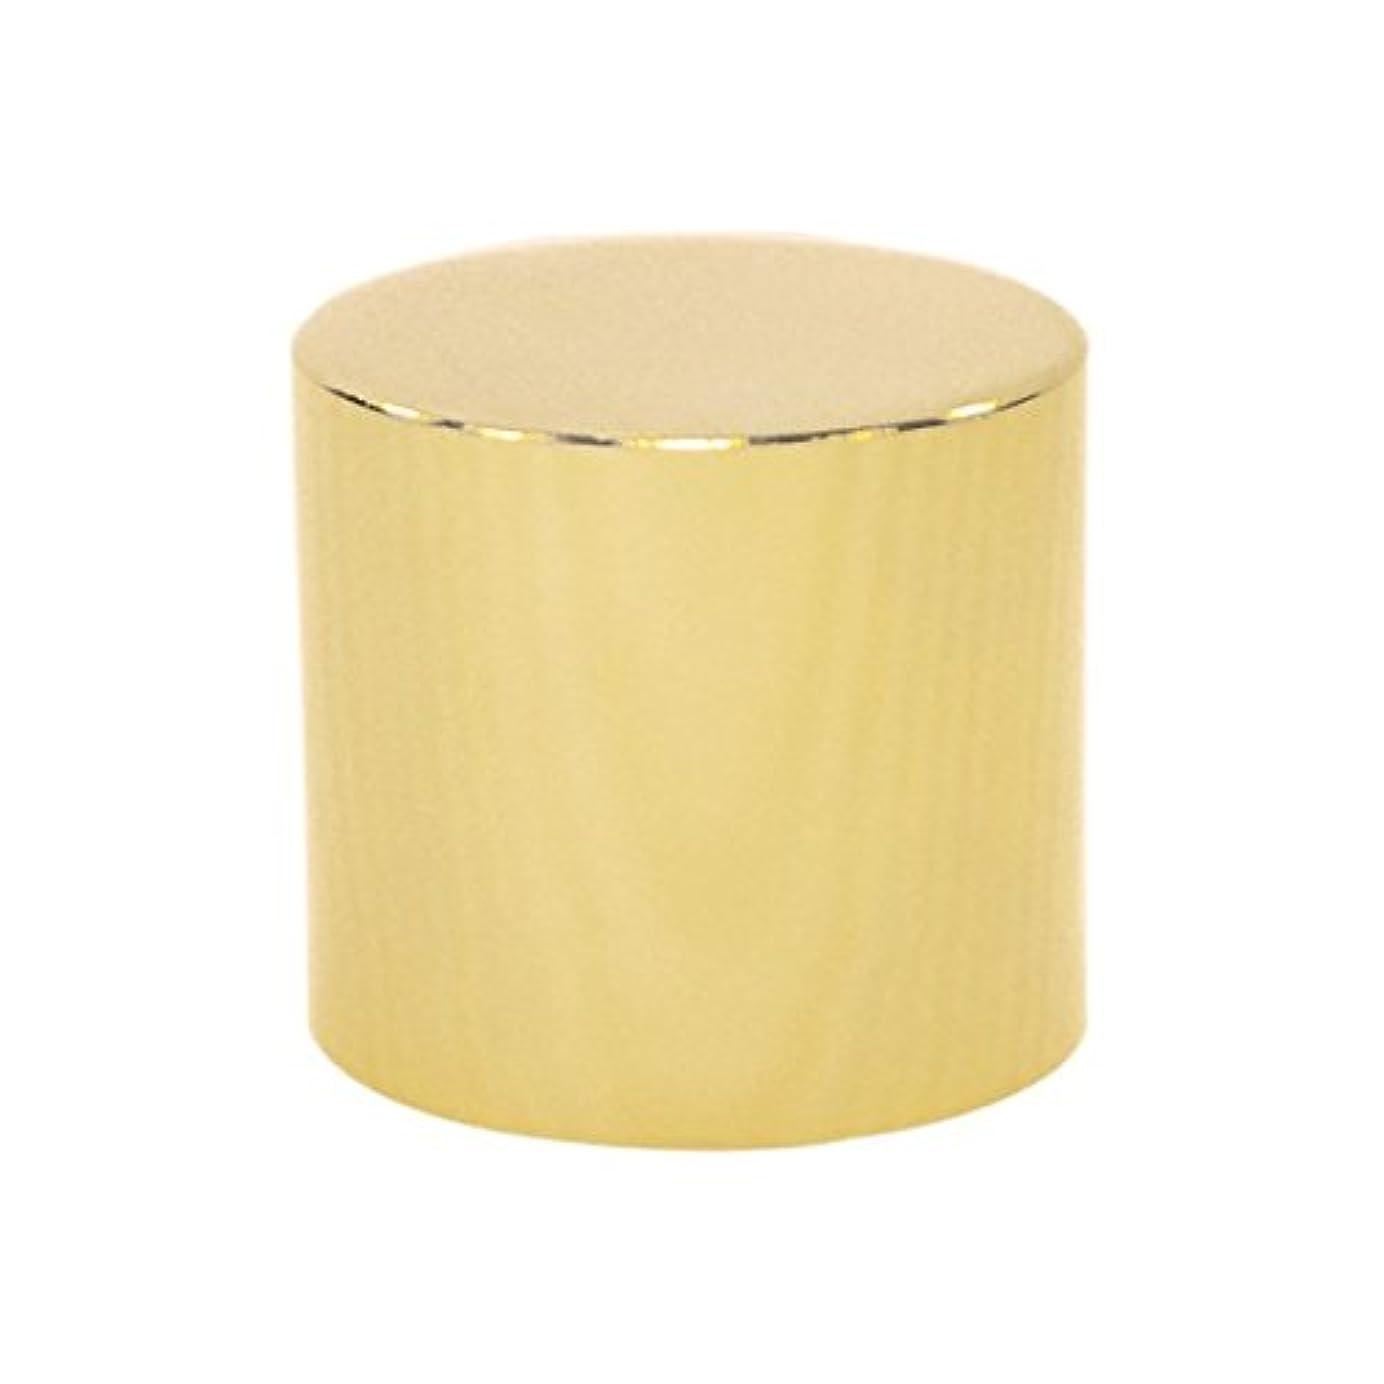 単調な漏れシビックランプベルジェ(LAMPE BERGER)消火キャップ【正規輸入品】密閉蓋ゴールド